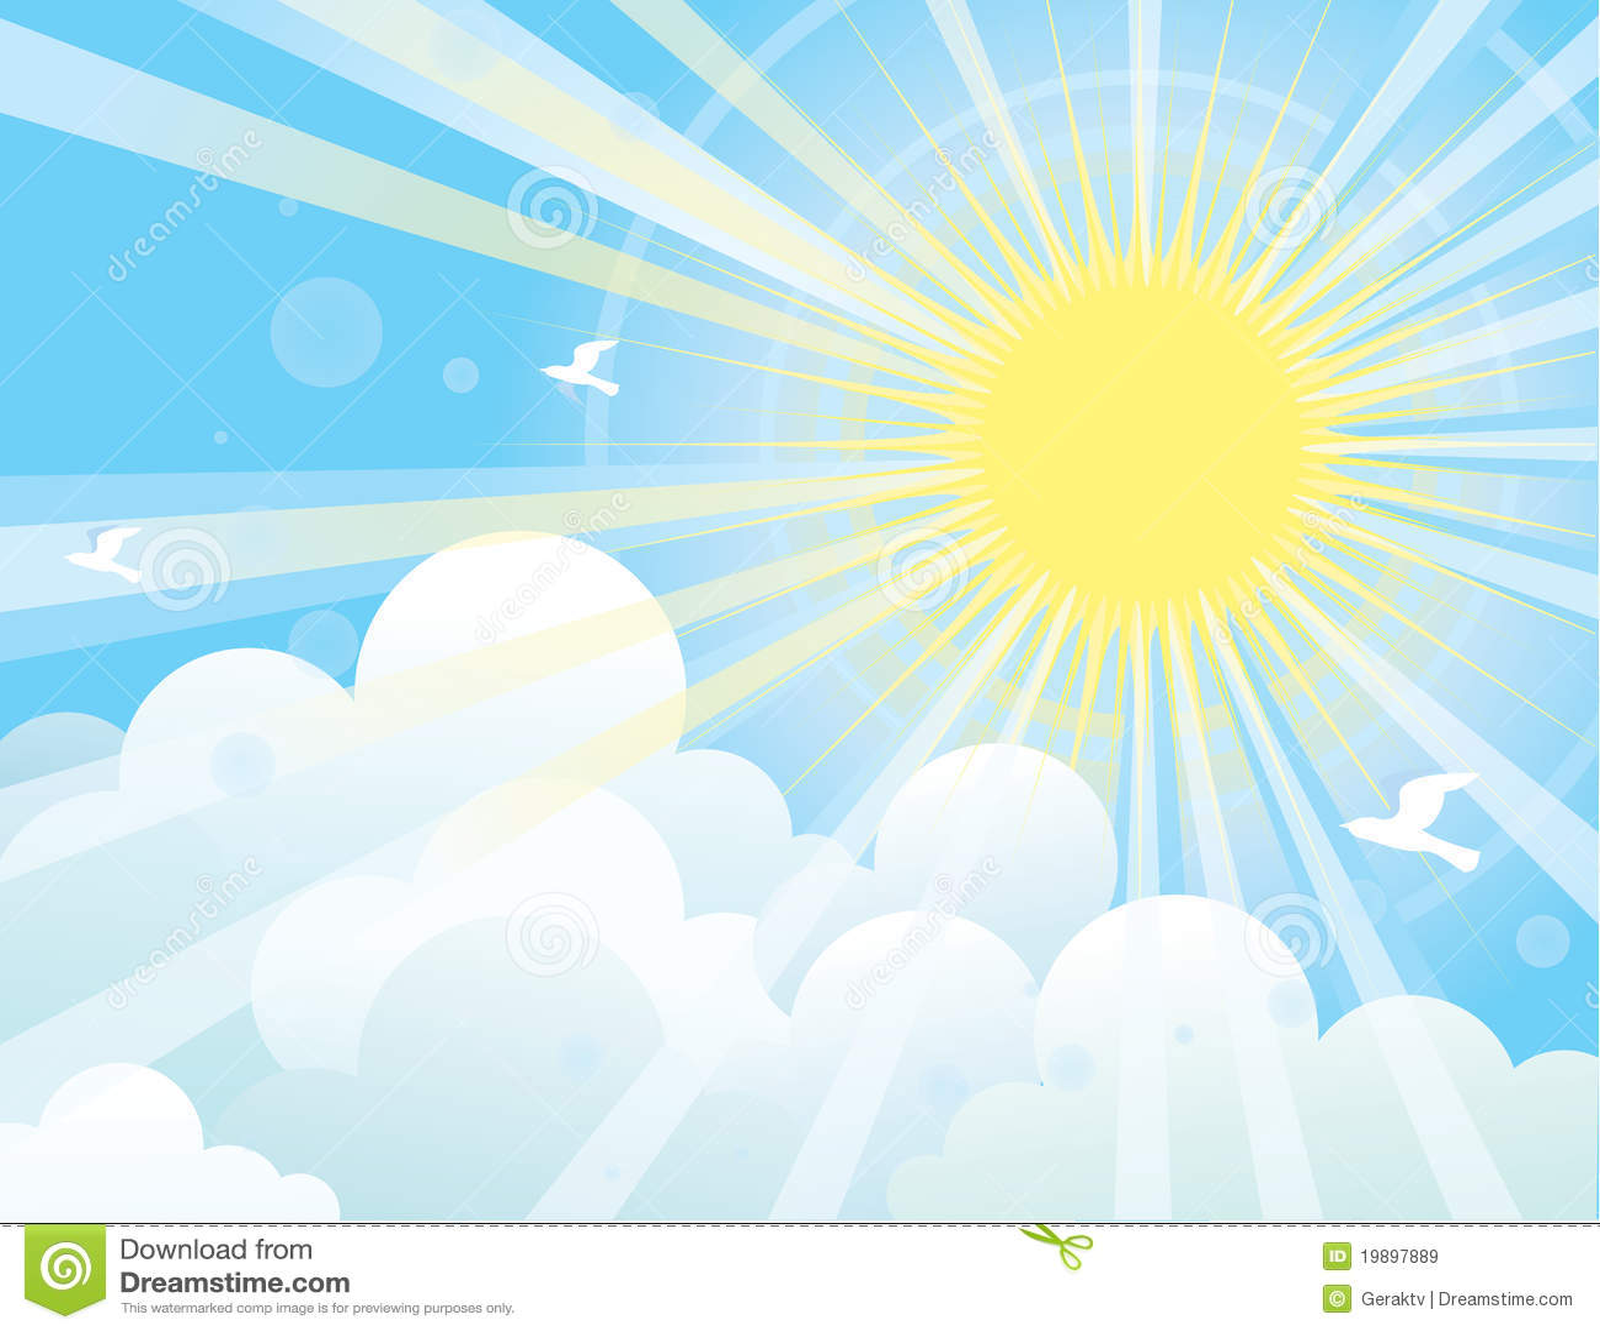 Небо с солнцем рисунок